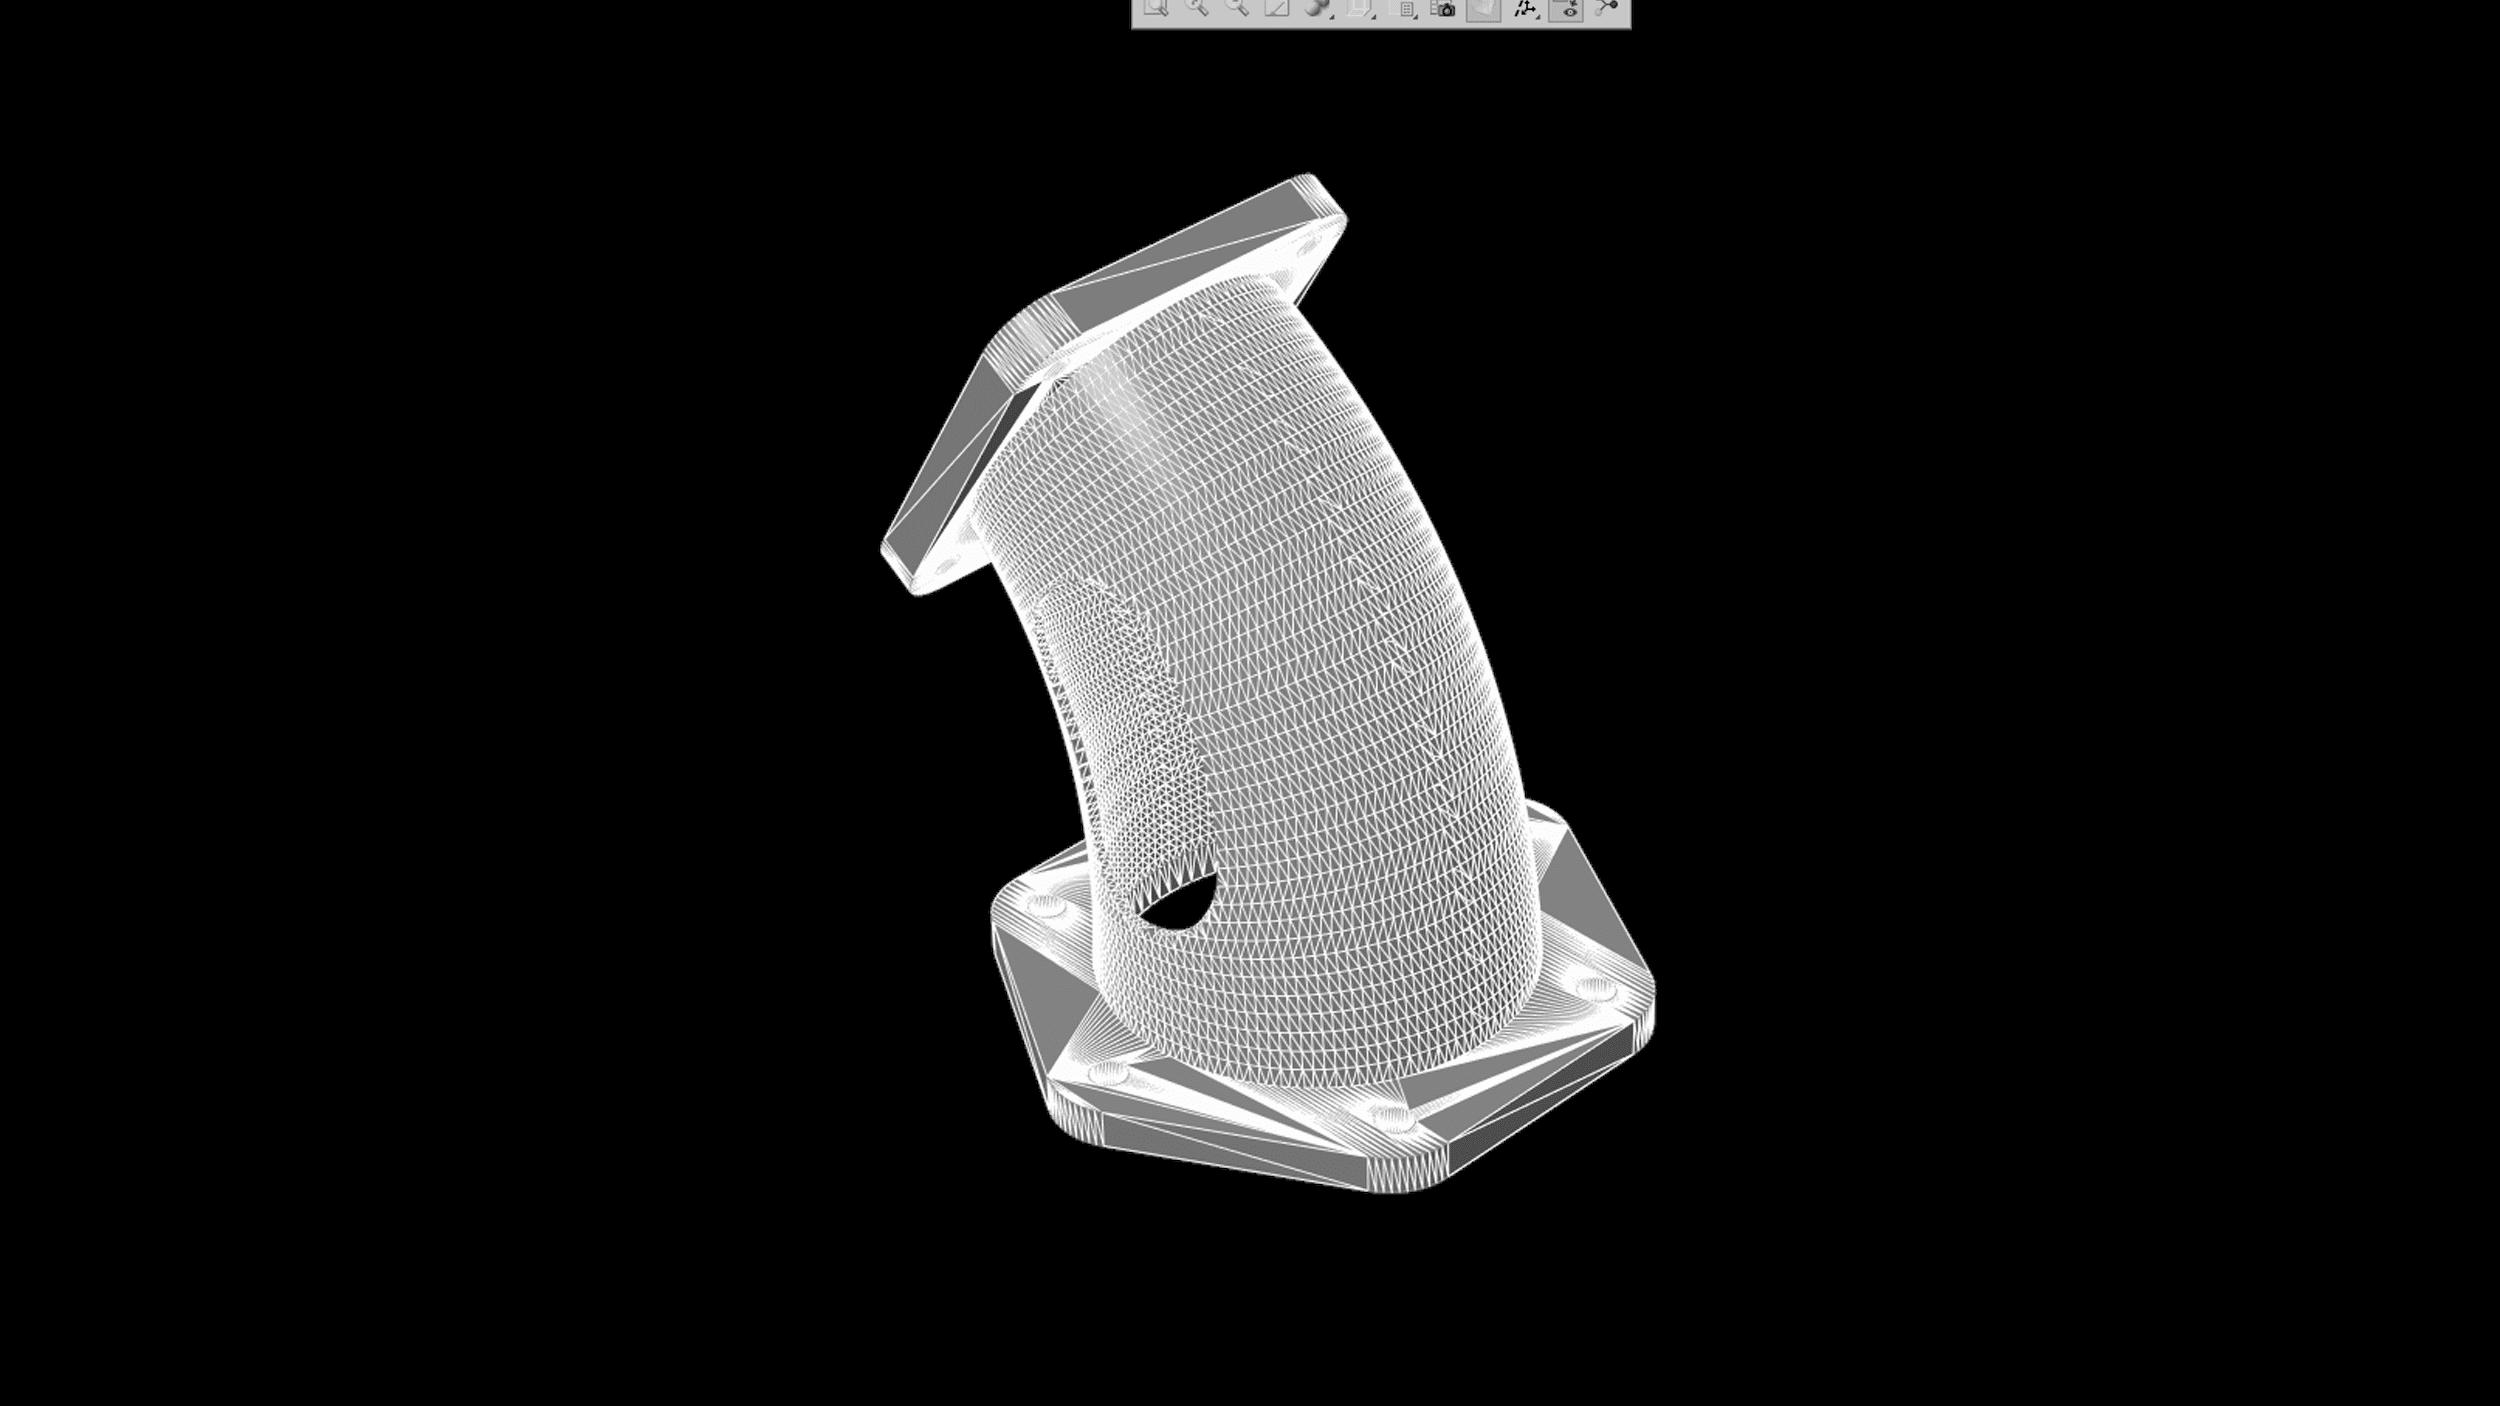 STL-Datei eines 3D Modells für die additive Fertigung